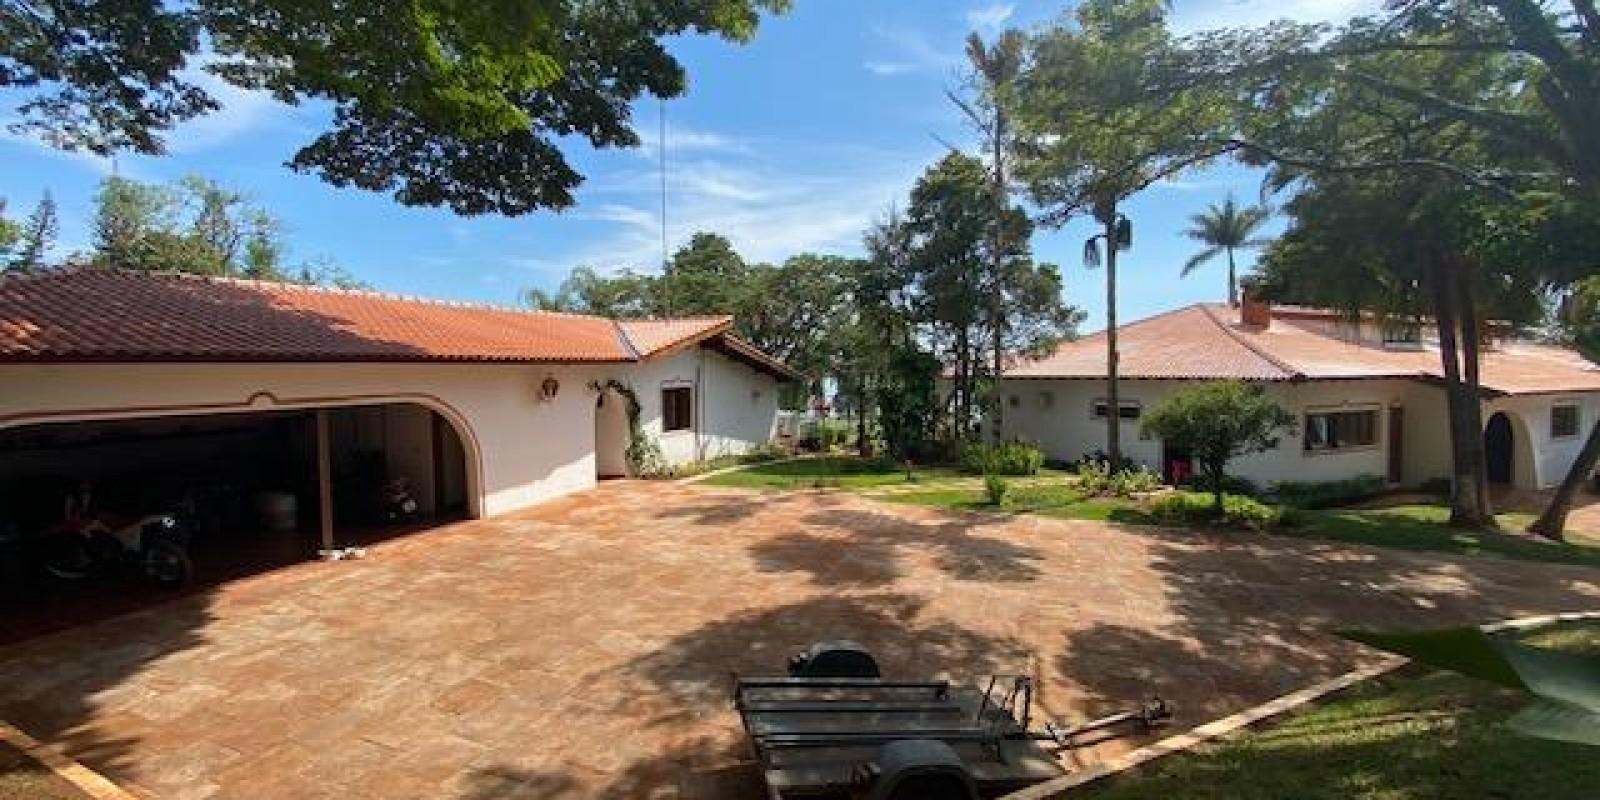 Casa Pé na Areia na Represa Condomínio Parque Náutico em Avaré SP - Foto 42 de 53